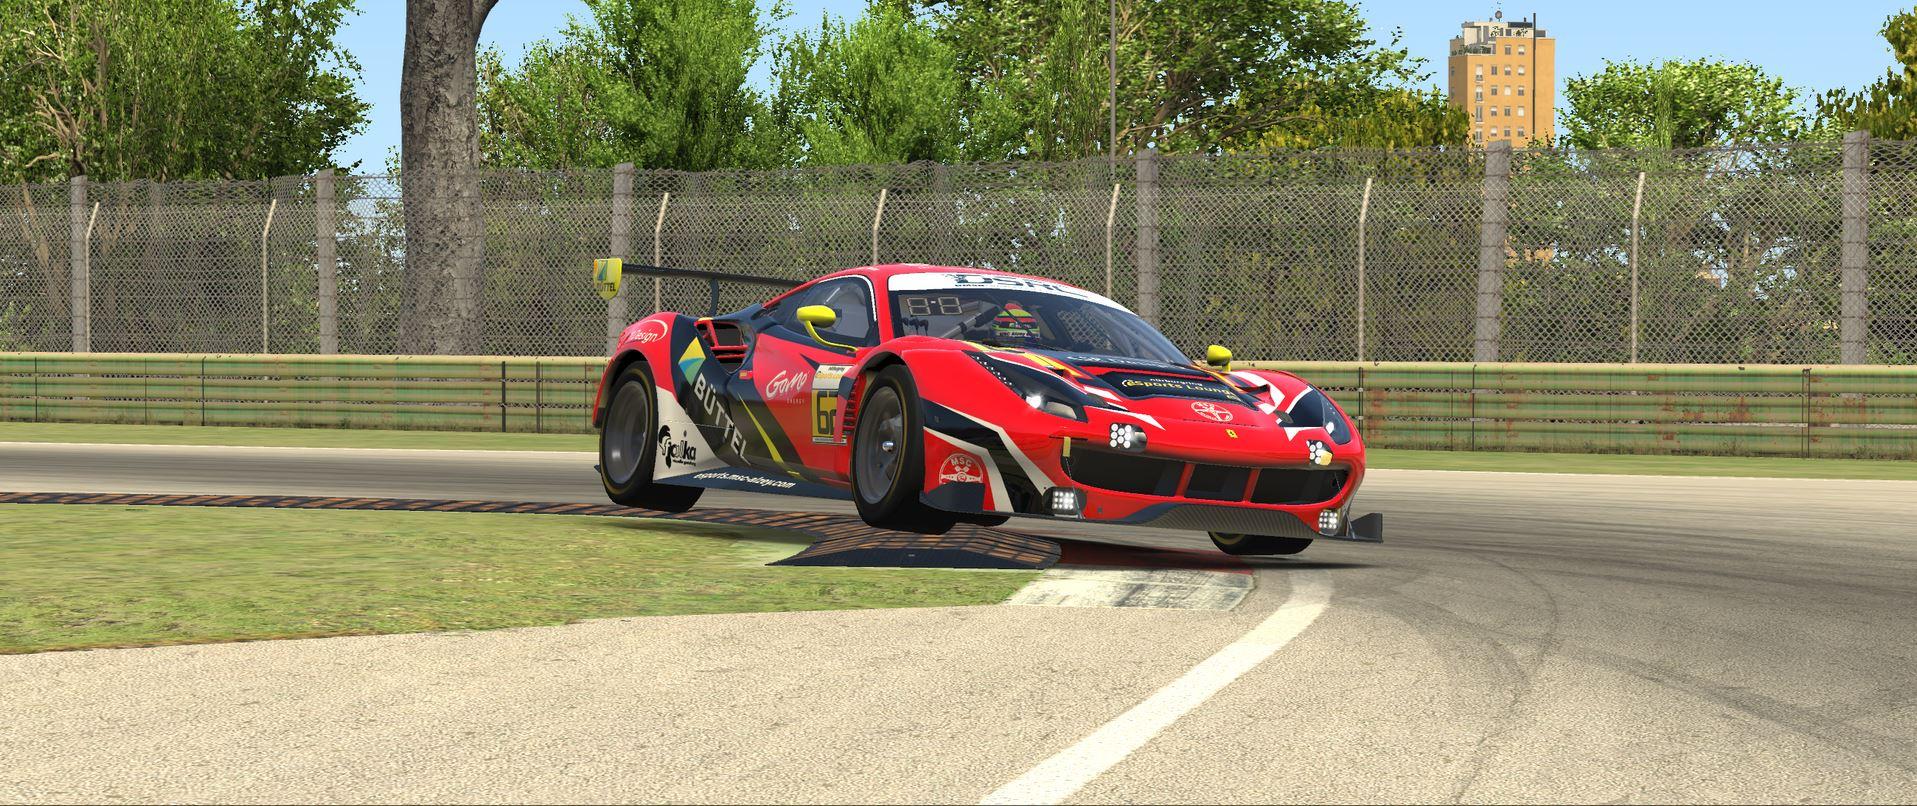 Ferrari iRacing MSC Alzey eSports